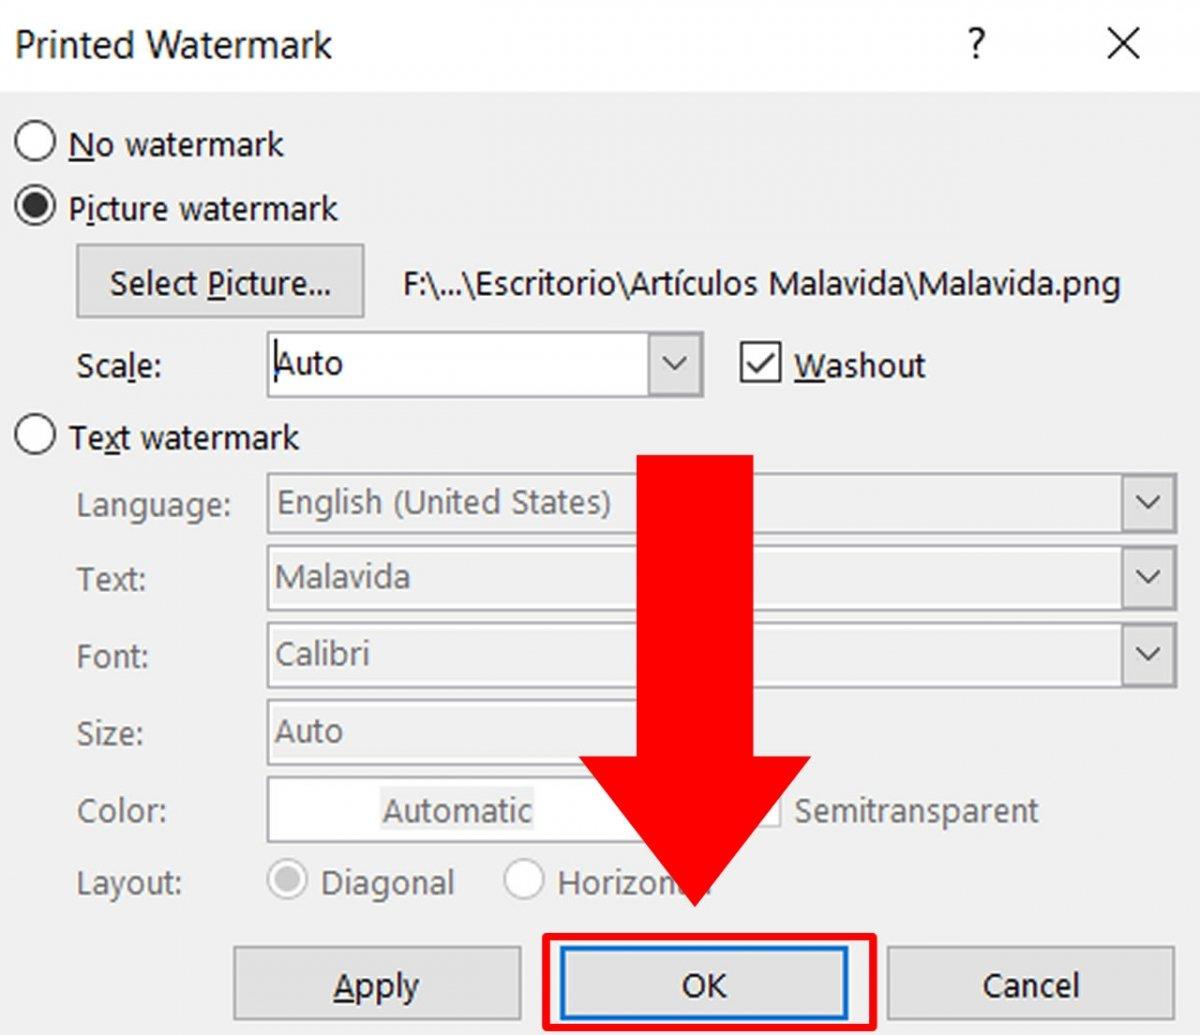 Klicke auf OK und das Wasserzeichen wird neu eingefügt